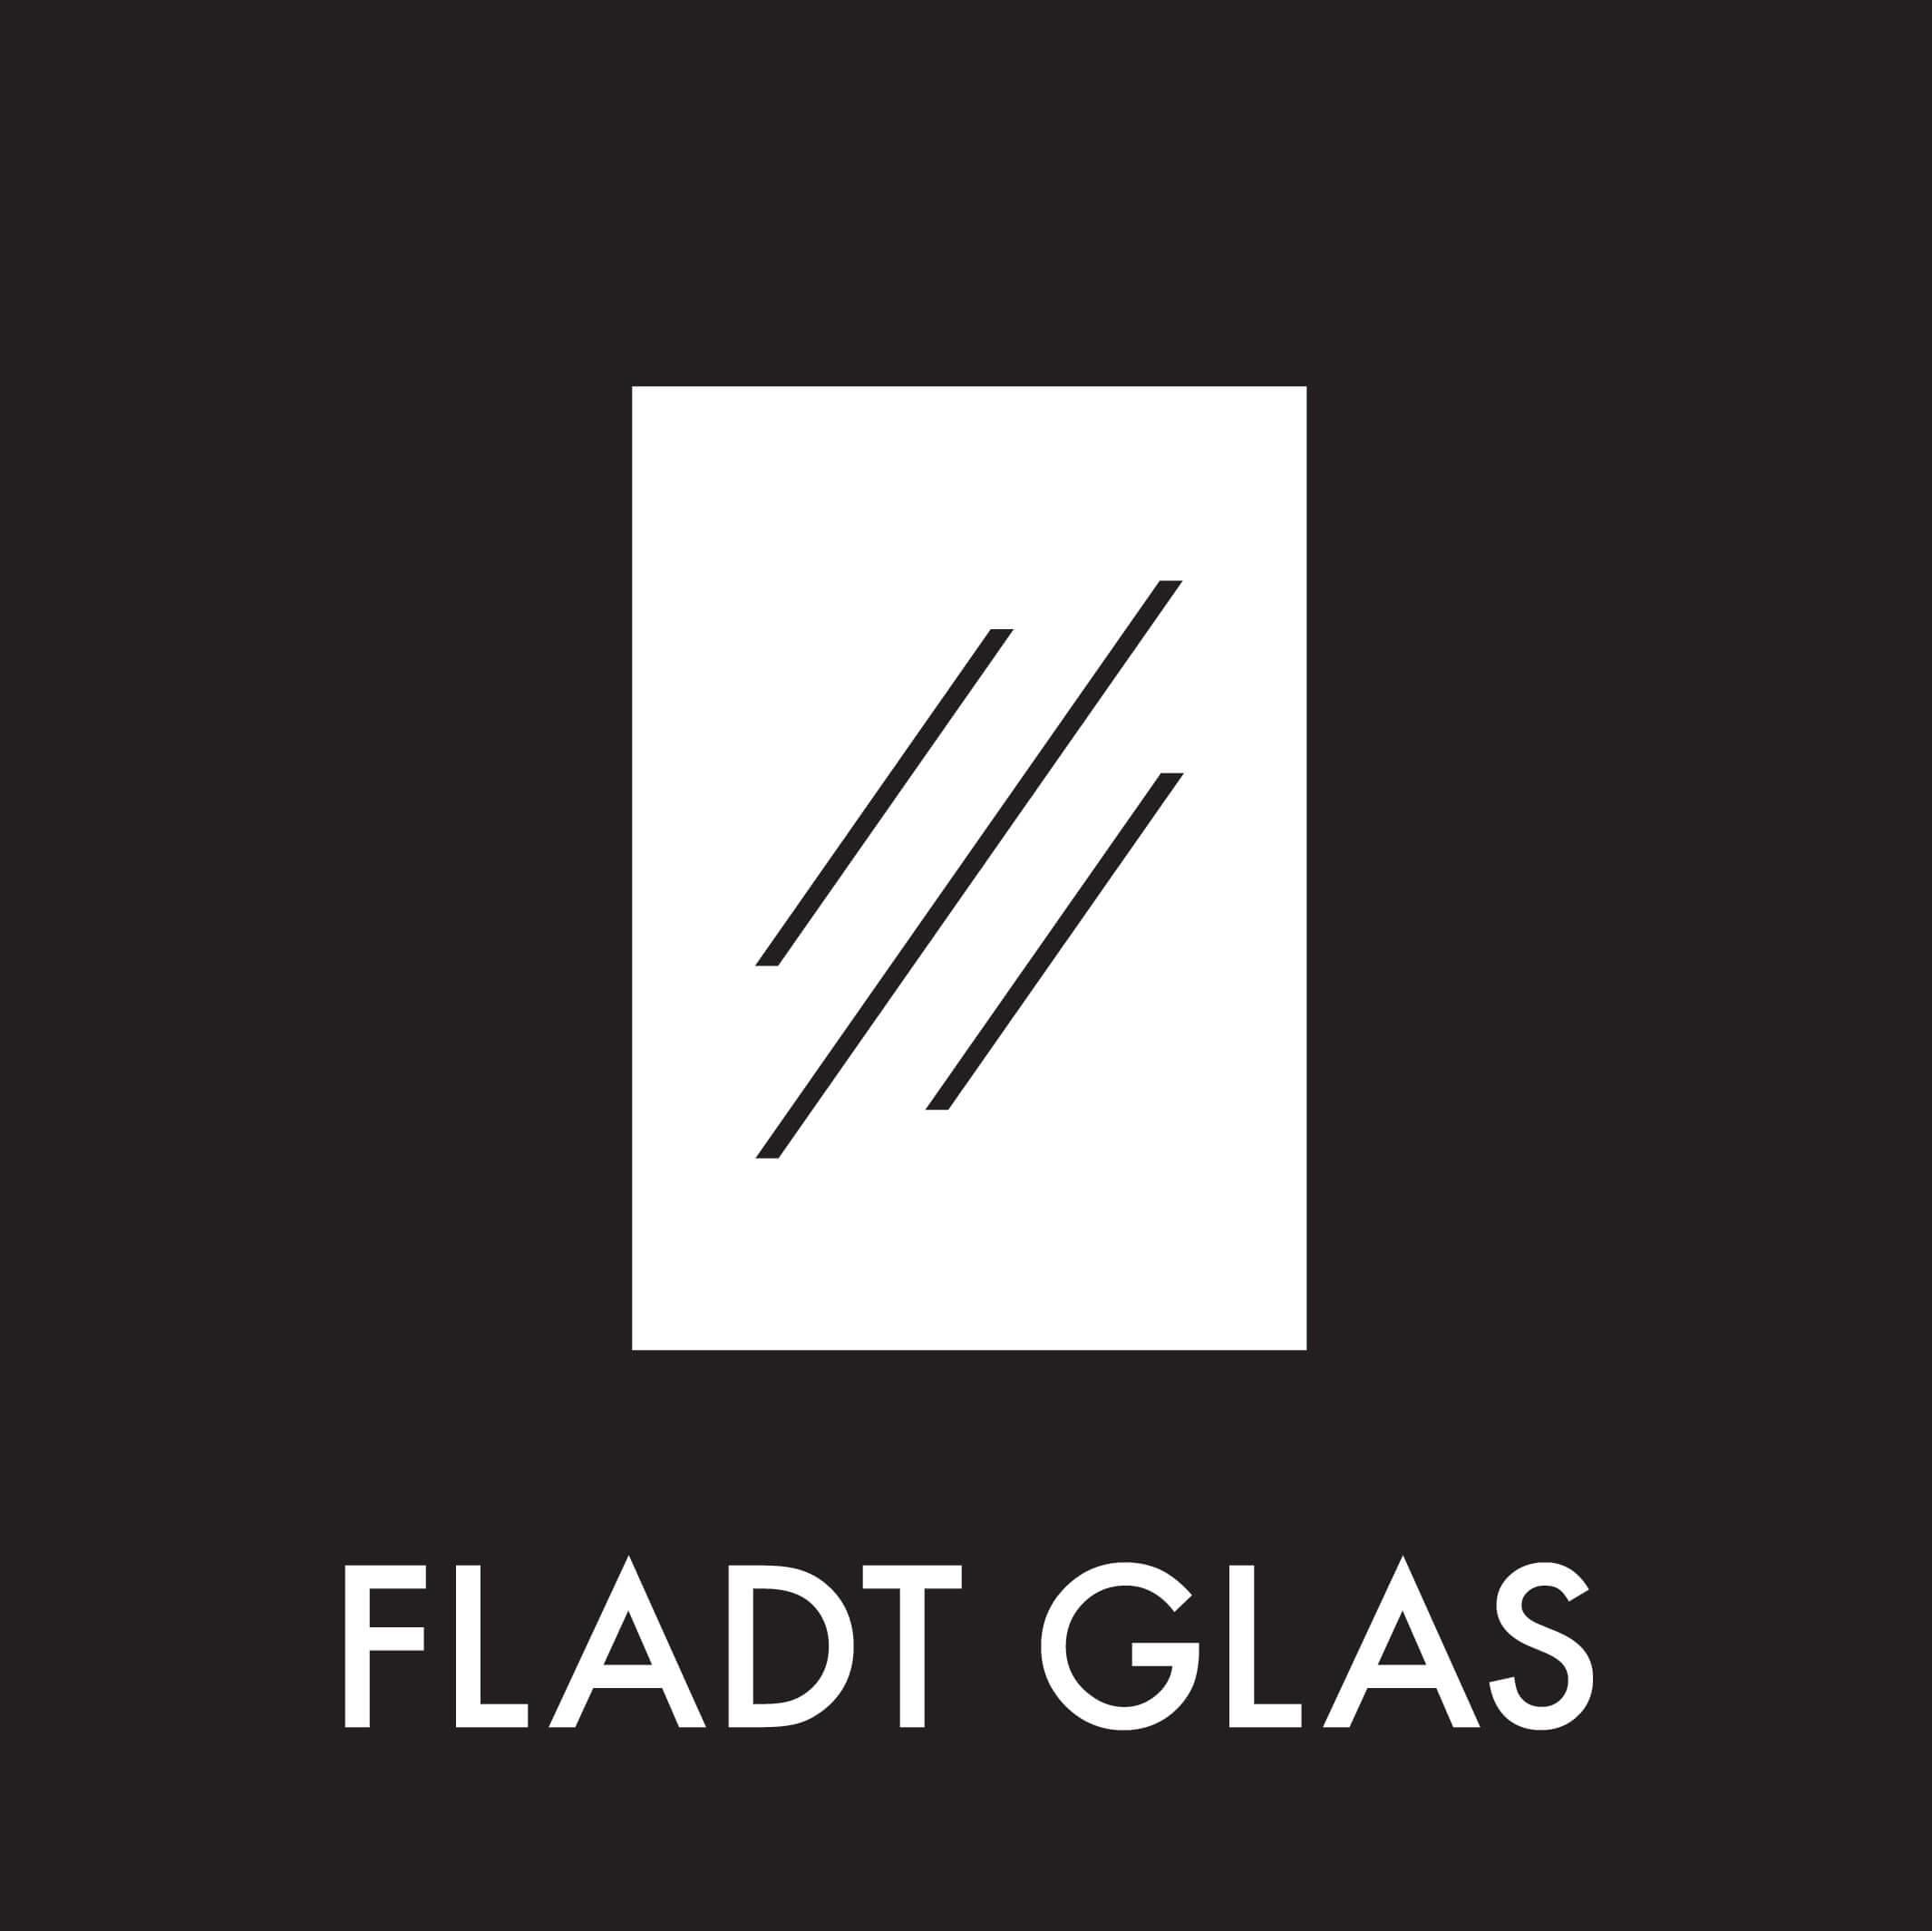 Dansk Affaldssortering - Fladt glas sort